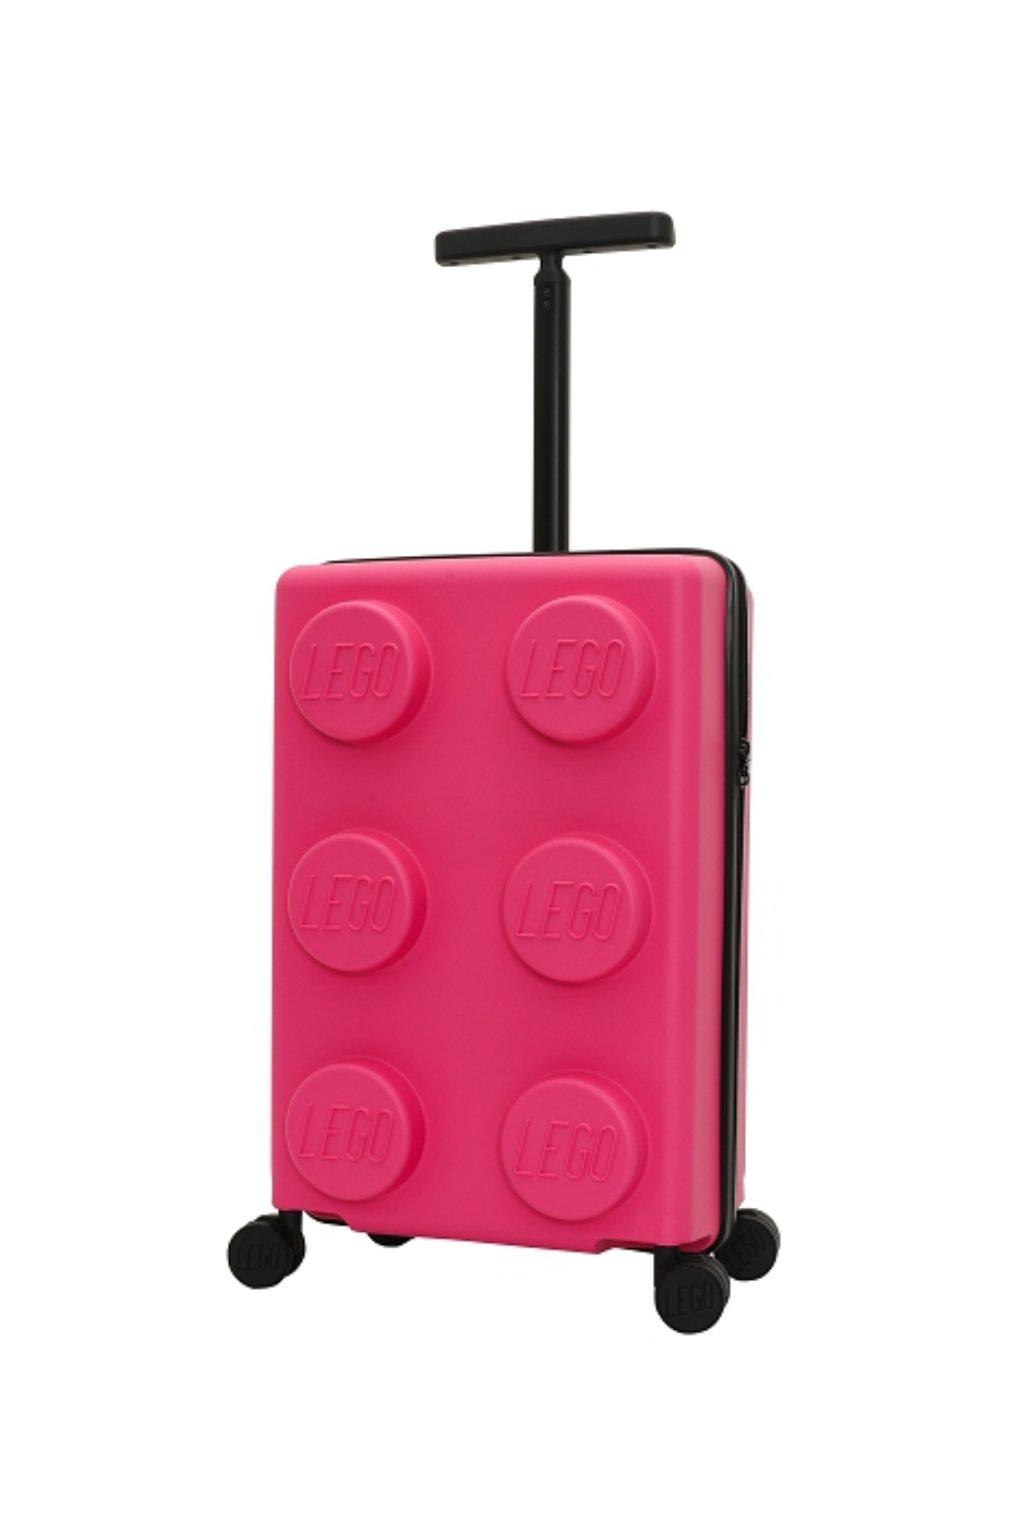 kufrland lego signature pink 1